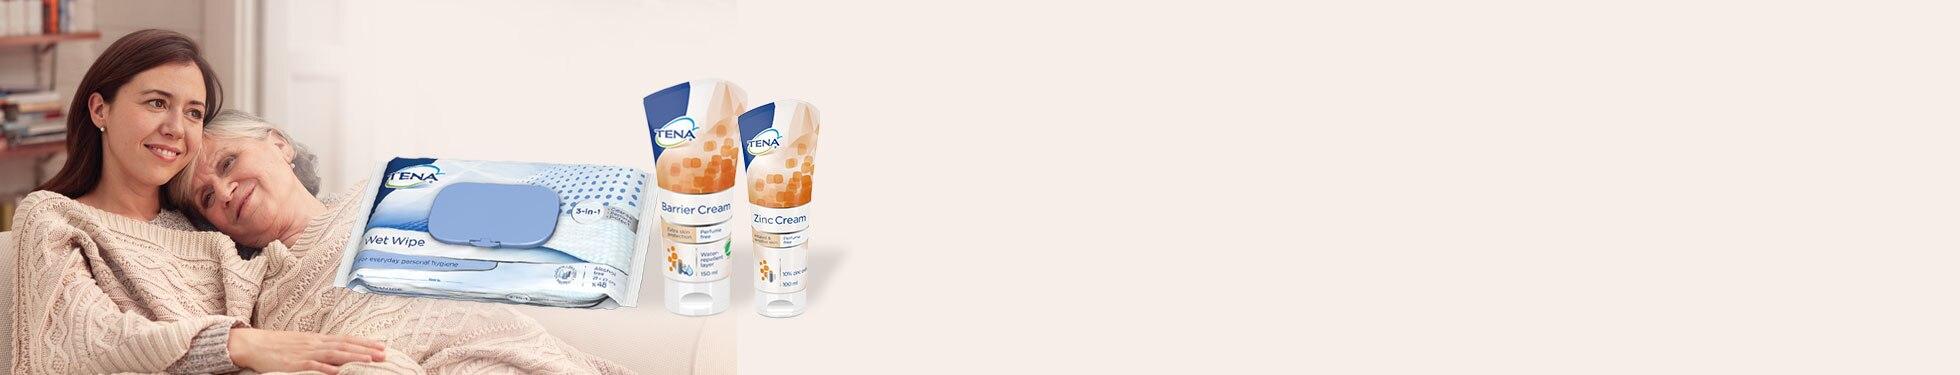 Wypróbuj darmowy zestaw próbek kosmetyków TENA